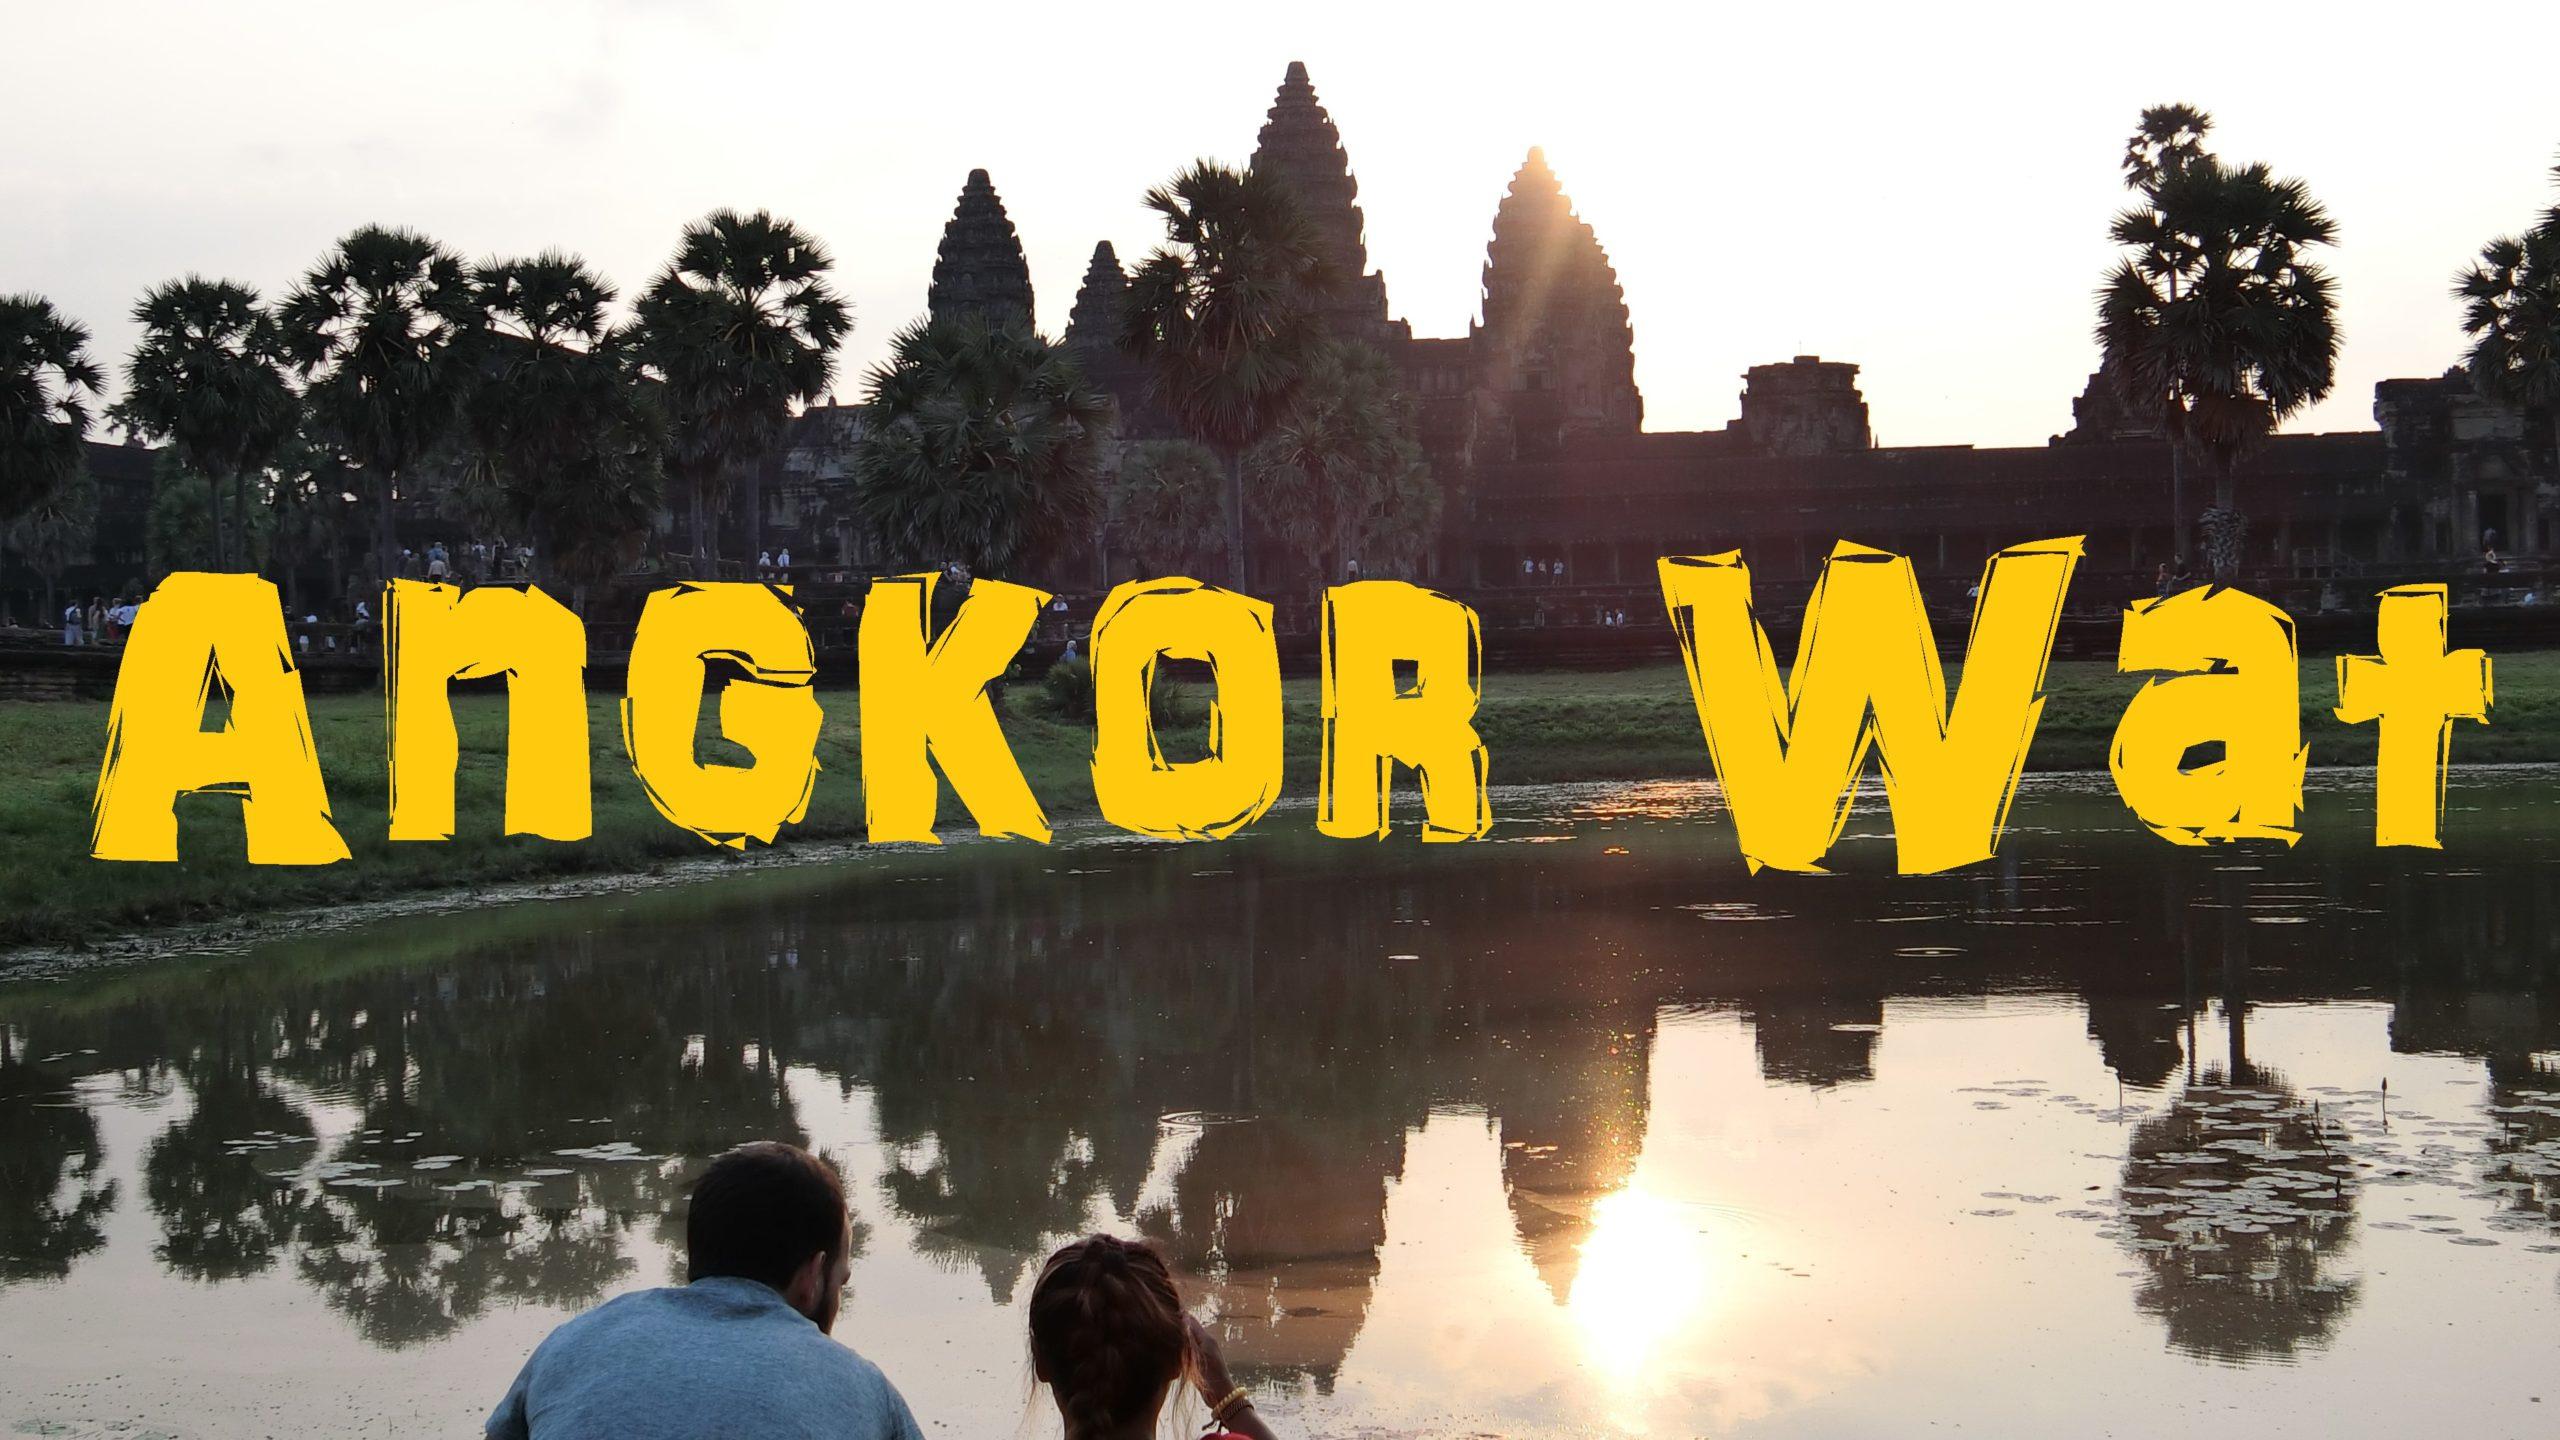 タイ・バンコク一人旅行記⑮のアイキャッチ画像